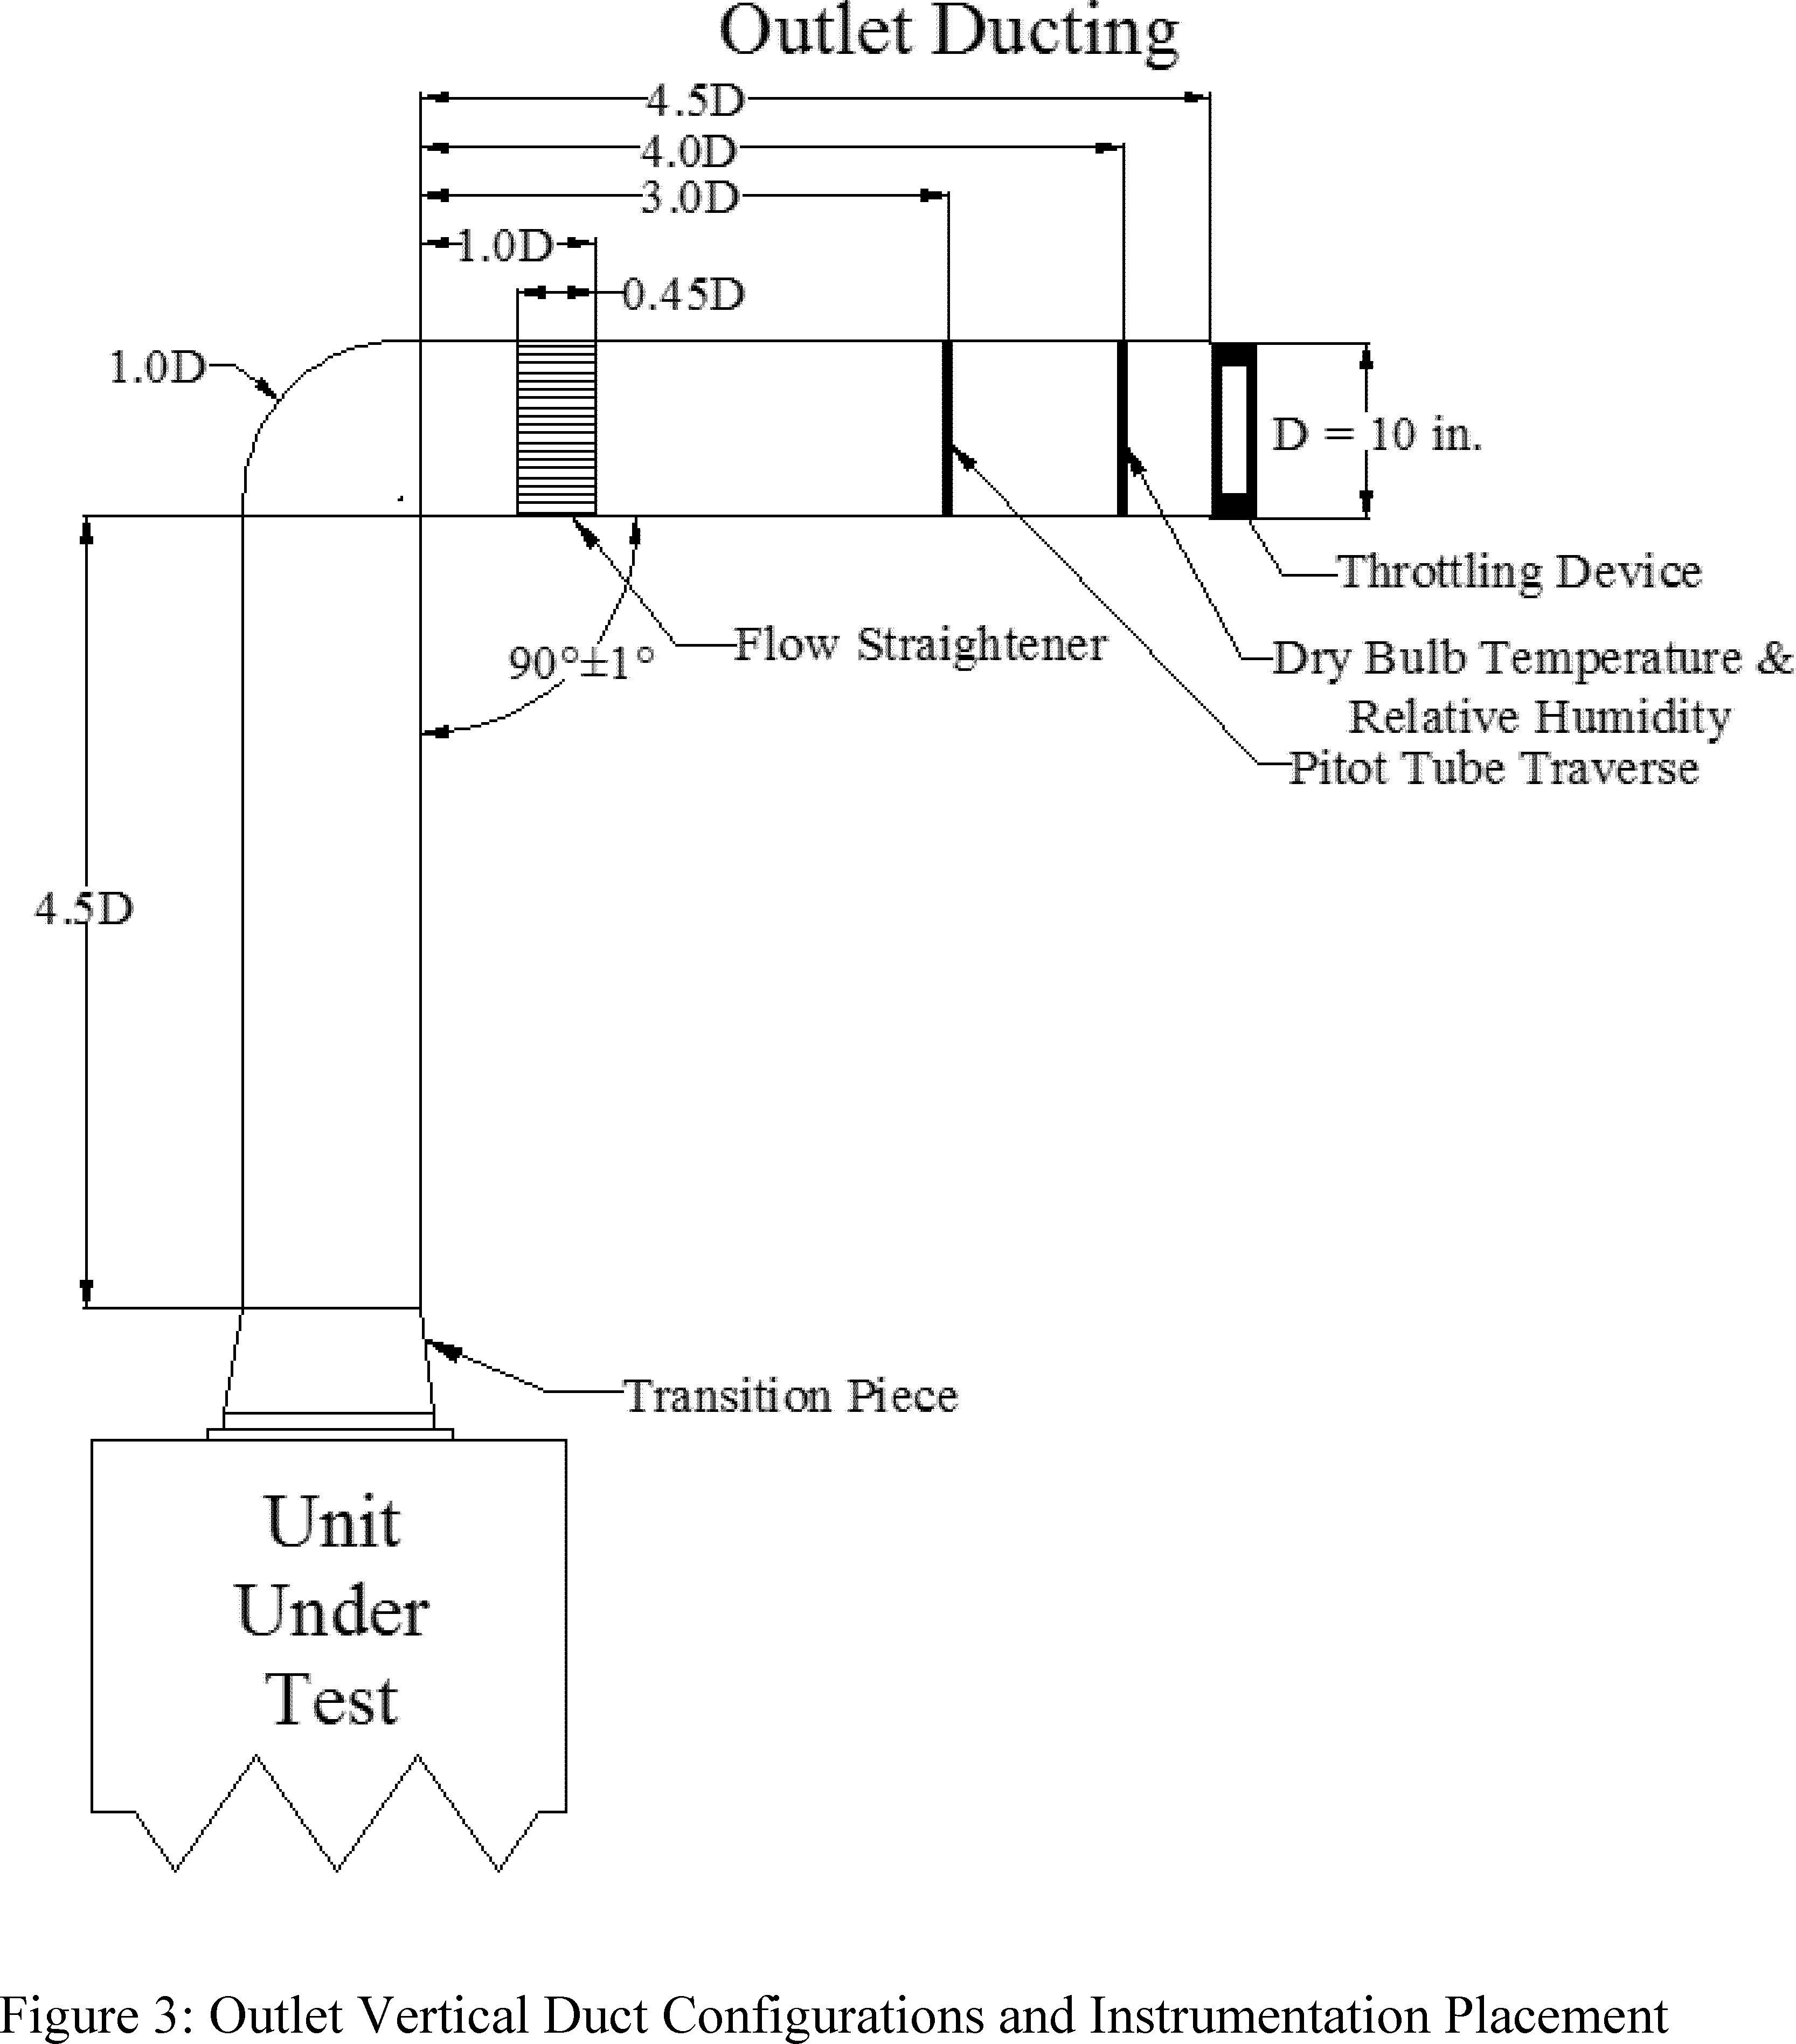 Kenmore Washer Wiring Diagram Residential Electrical Wiring Diagrams Electrical Circuit Wiring Of Kenmore Washer Wiring Diagram